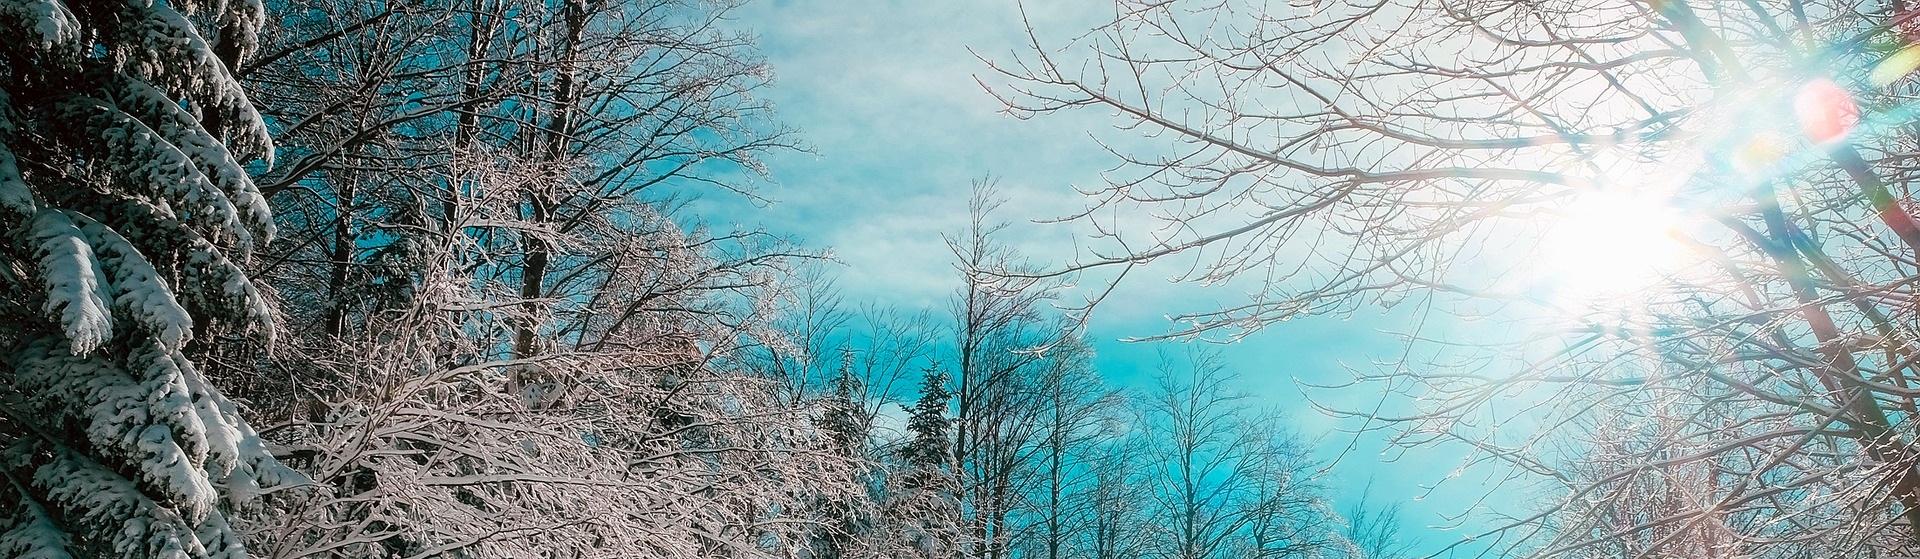 Blå bakgrundsbild, sol över vinterlandskap med blå himmel.